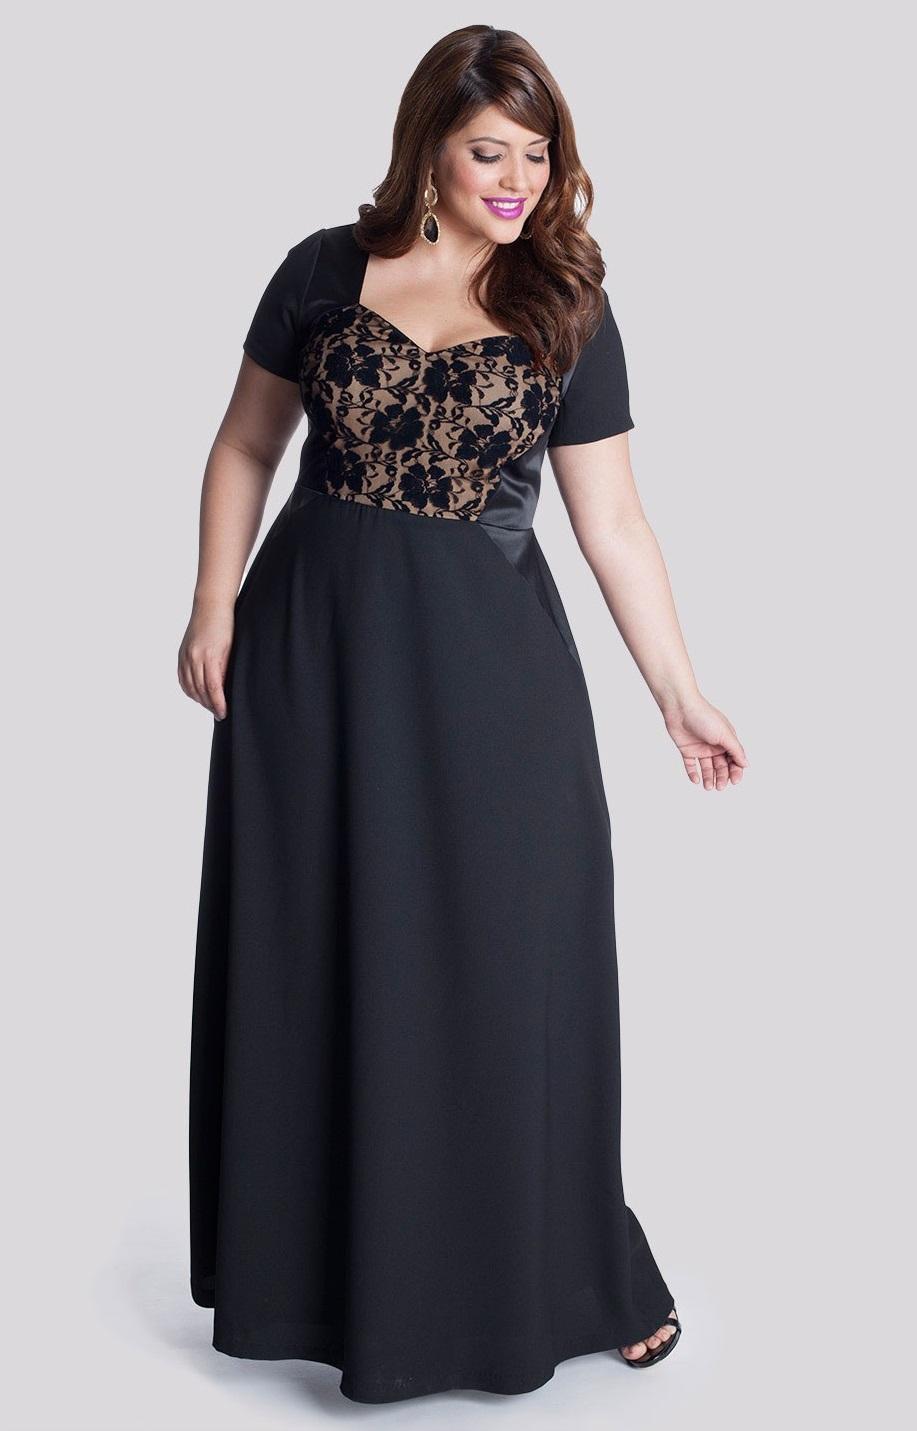 Купить Платье Длинное Больших Размеров Для Полных Женщин